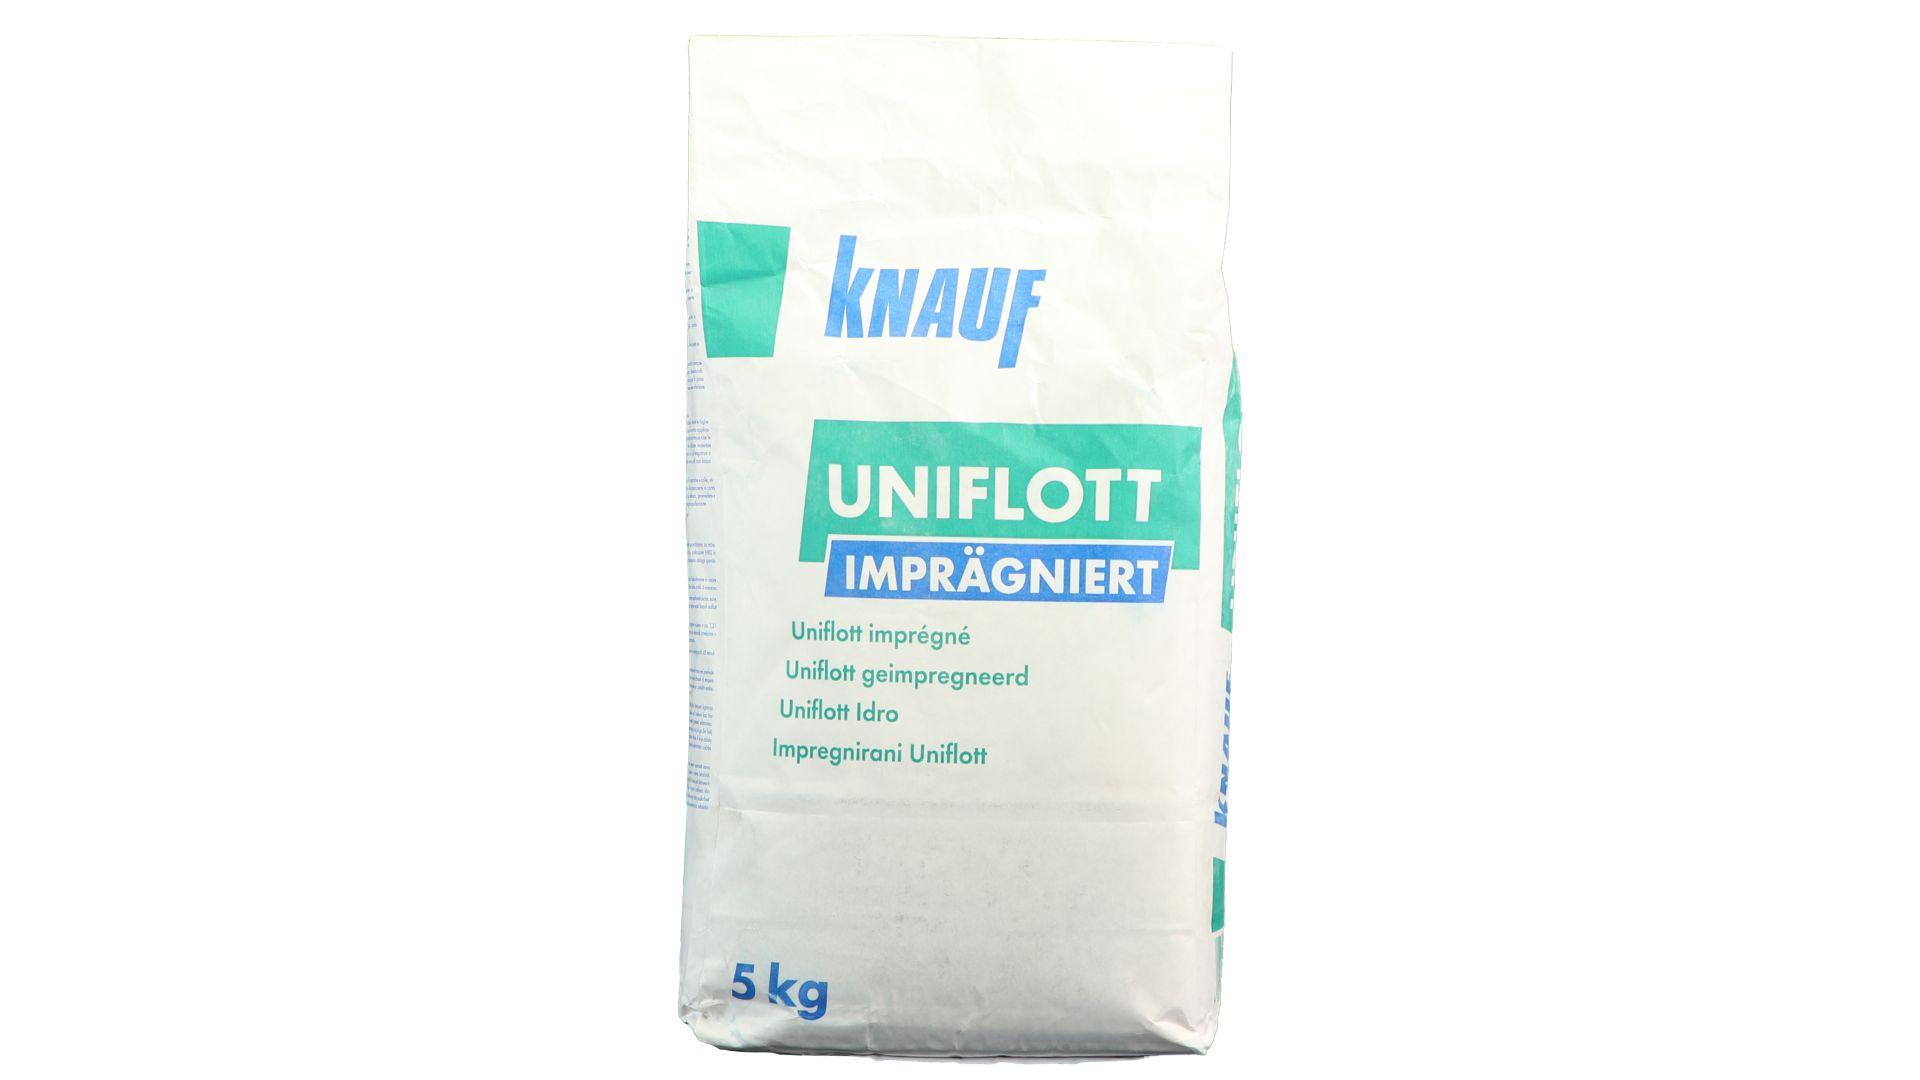 Knauf Uniflott imprägniert, Spachtelmasse zur Grundverspachtelung von Gipsplattenfugen, Wand und Decke, Feuchtraum, 5 kg